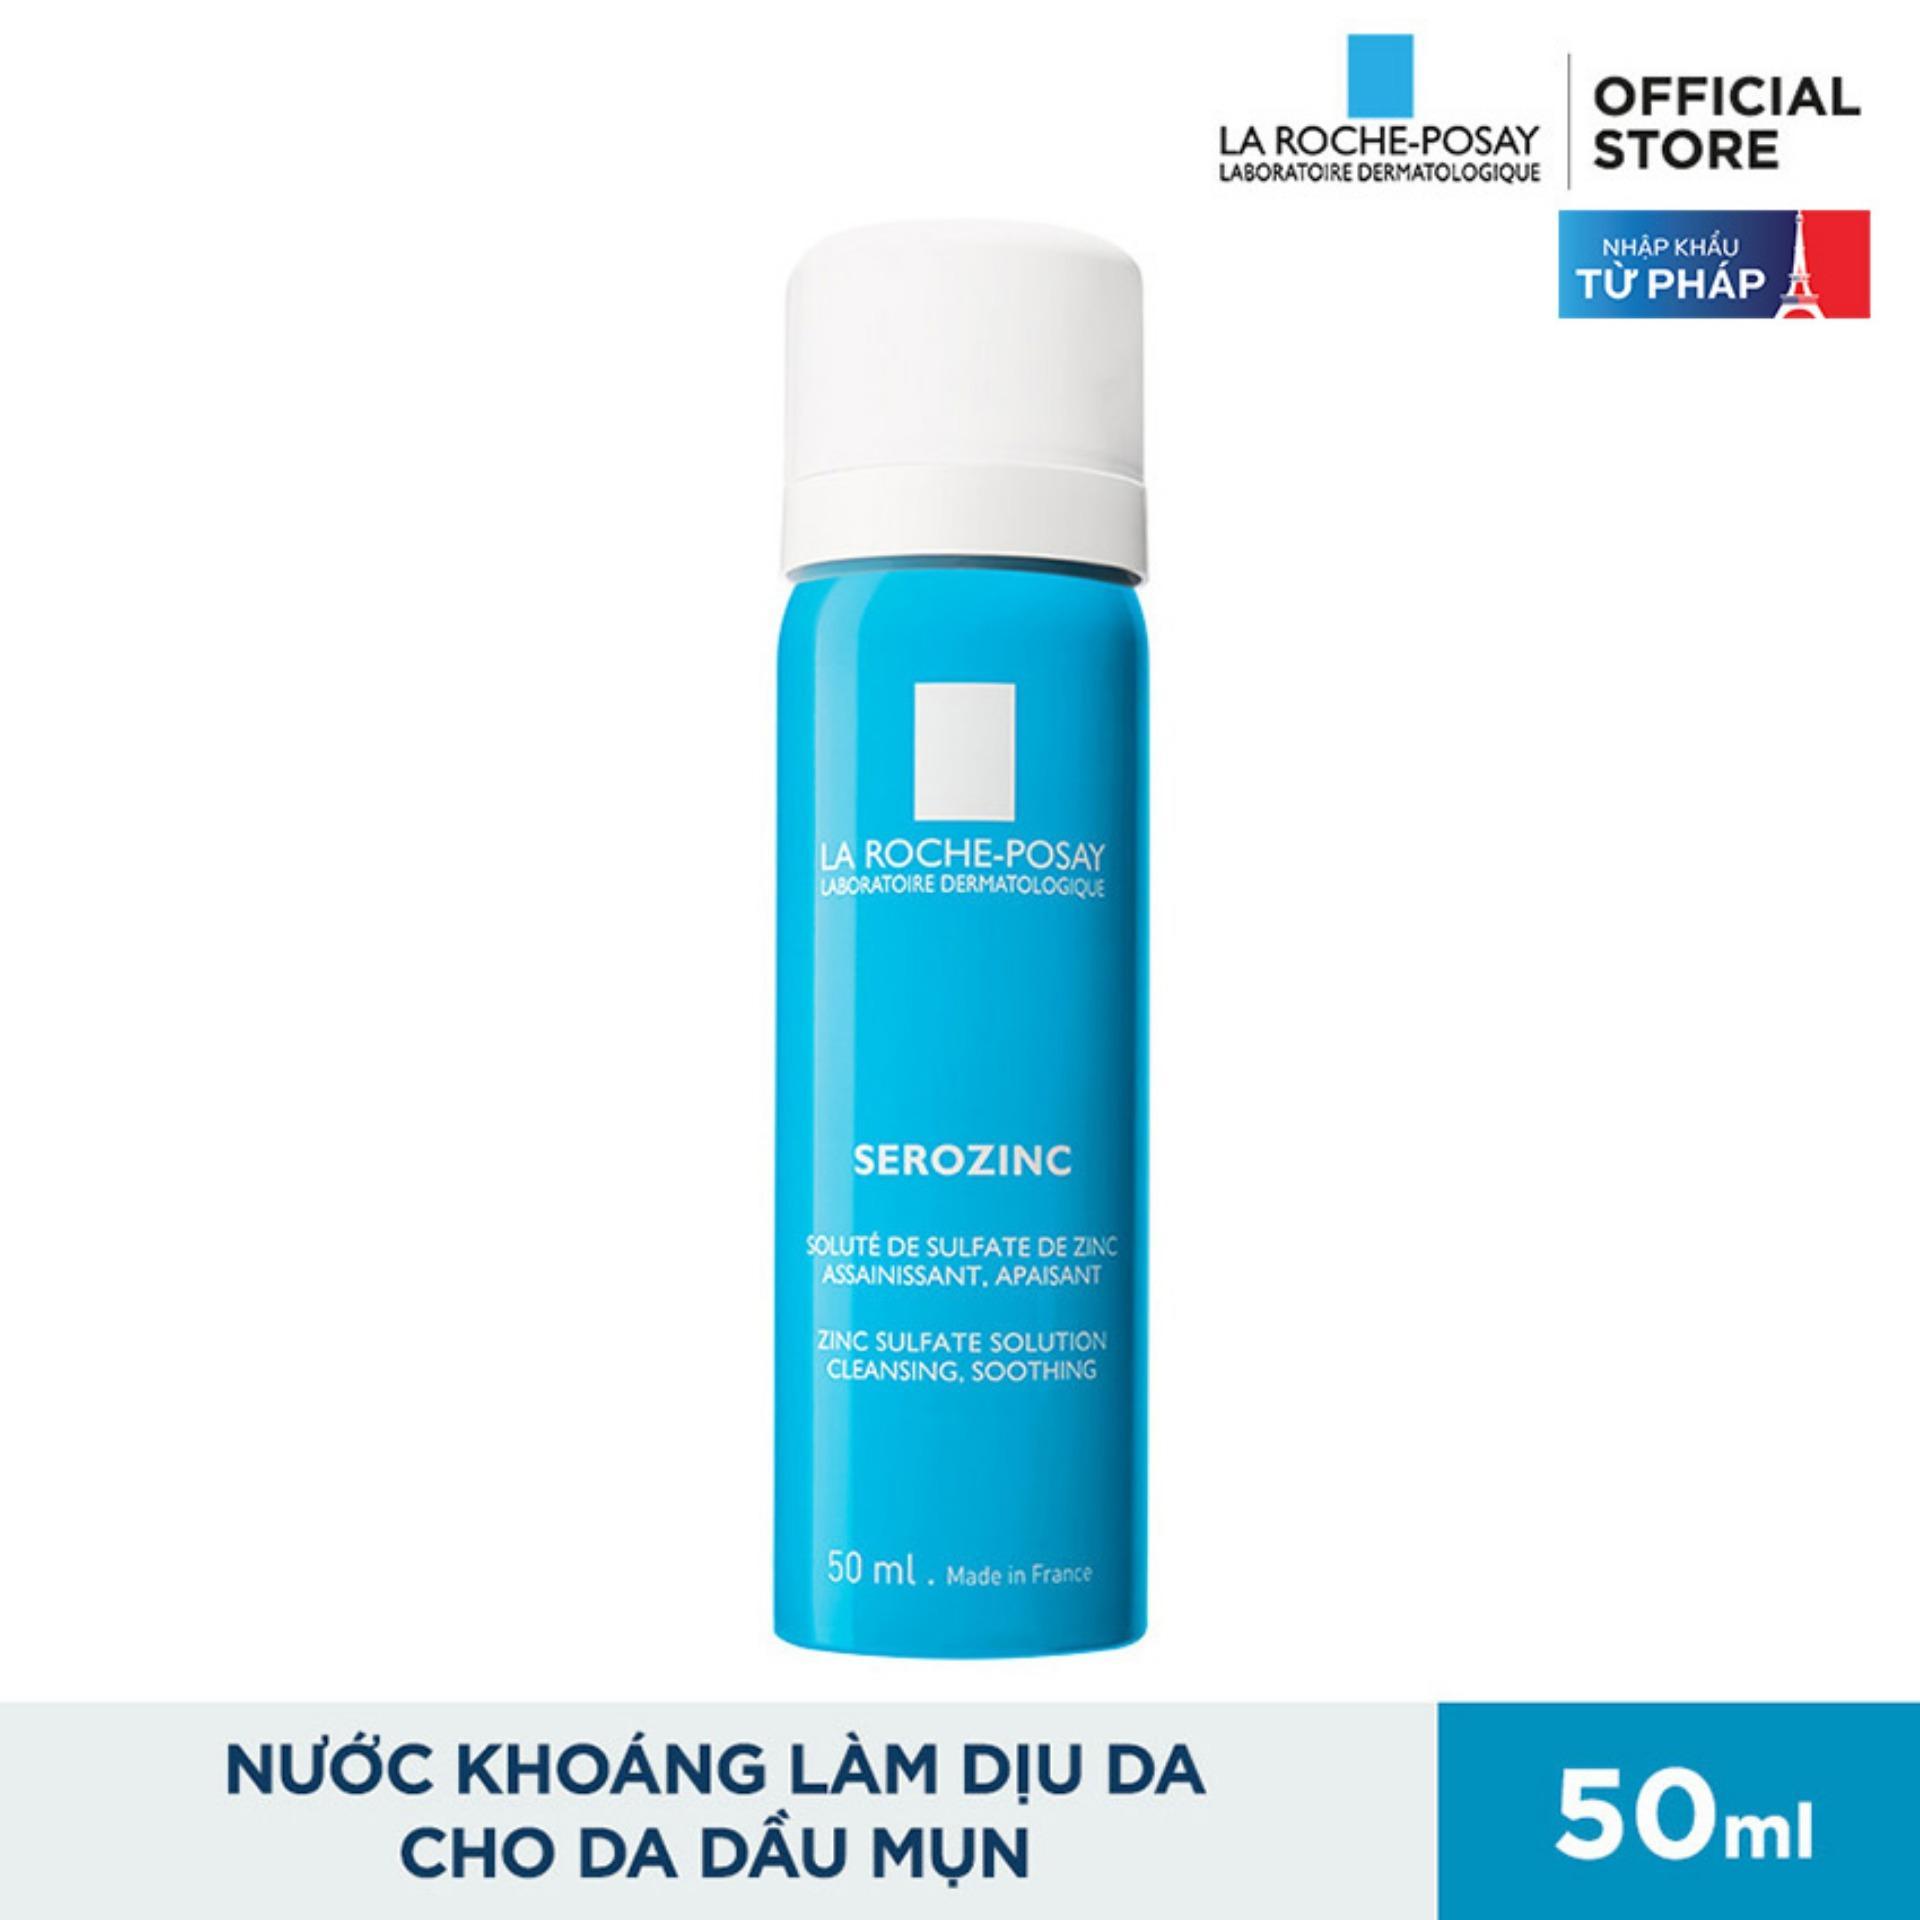 Xịt khoáng giúp làm sạch và dịu da La Roche Posay Serozinc 50ML tốt nhất